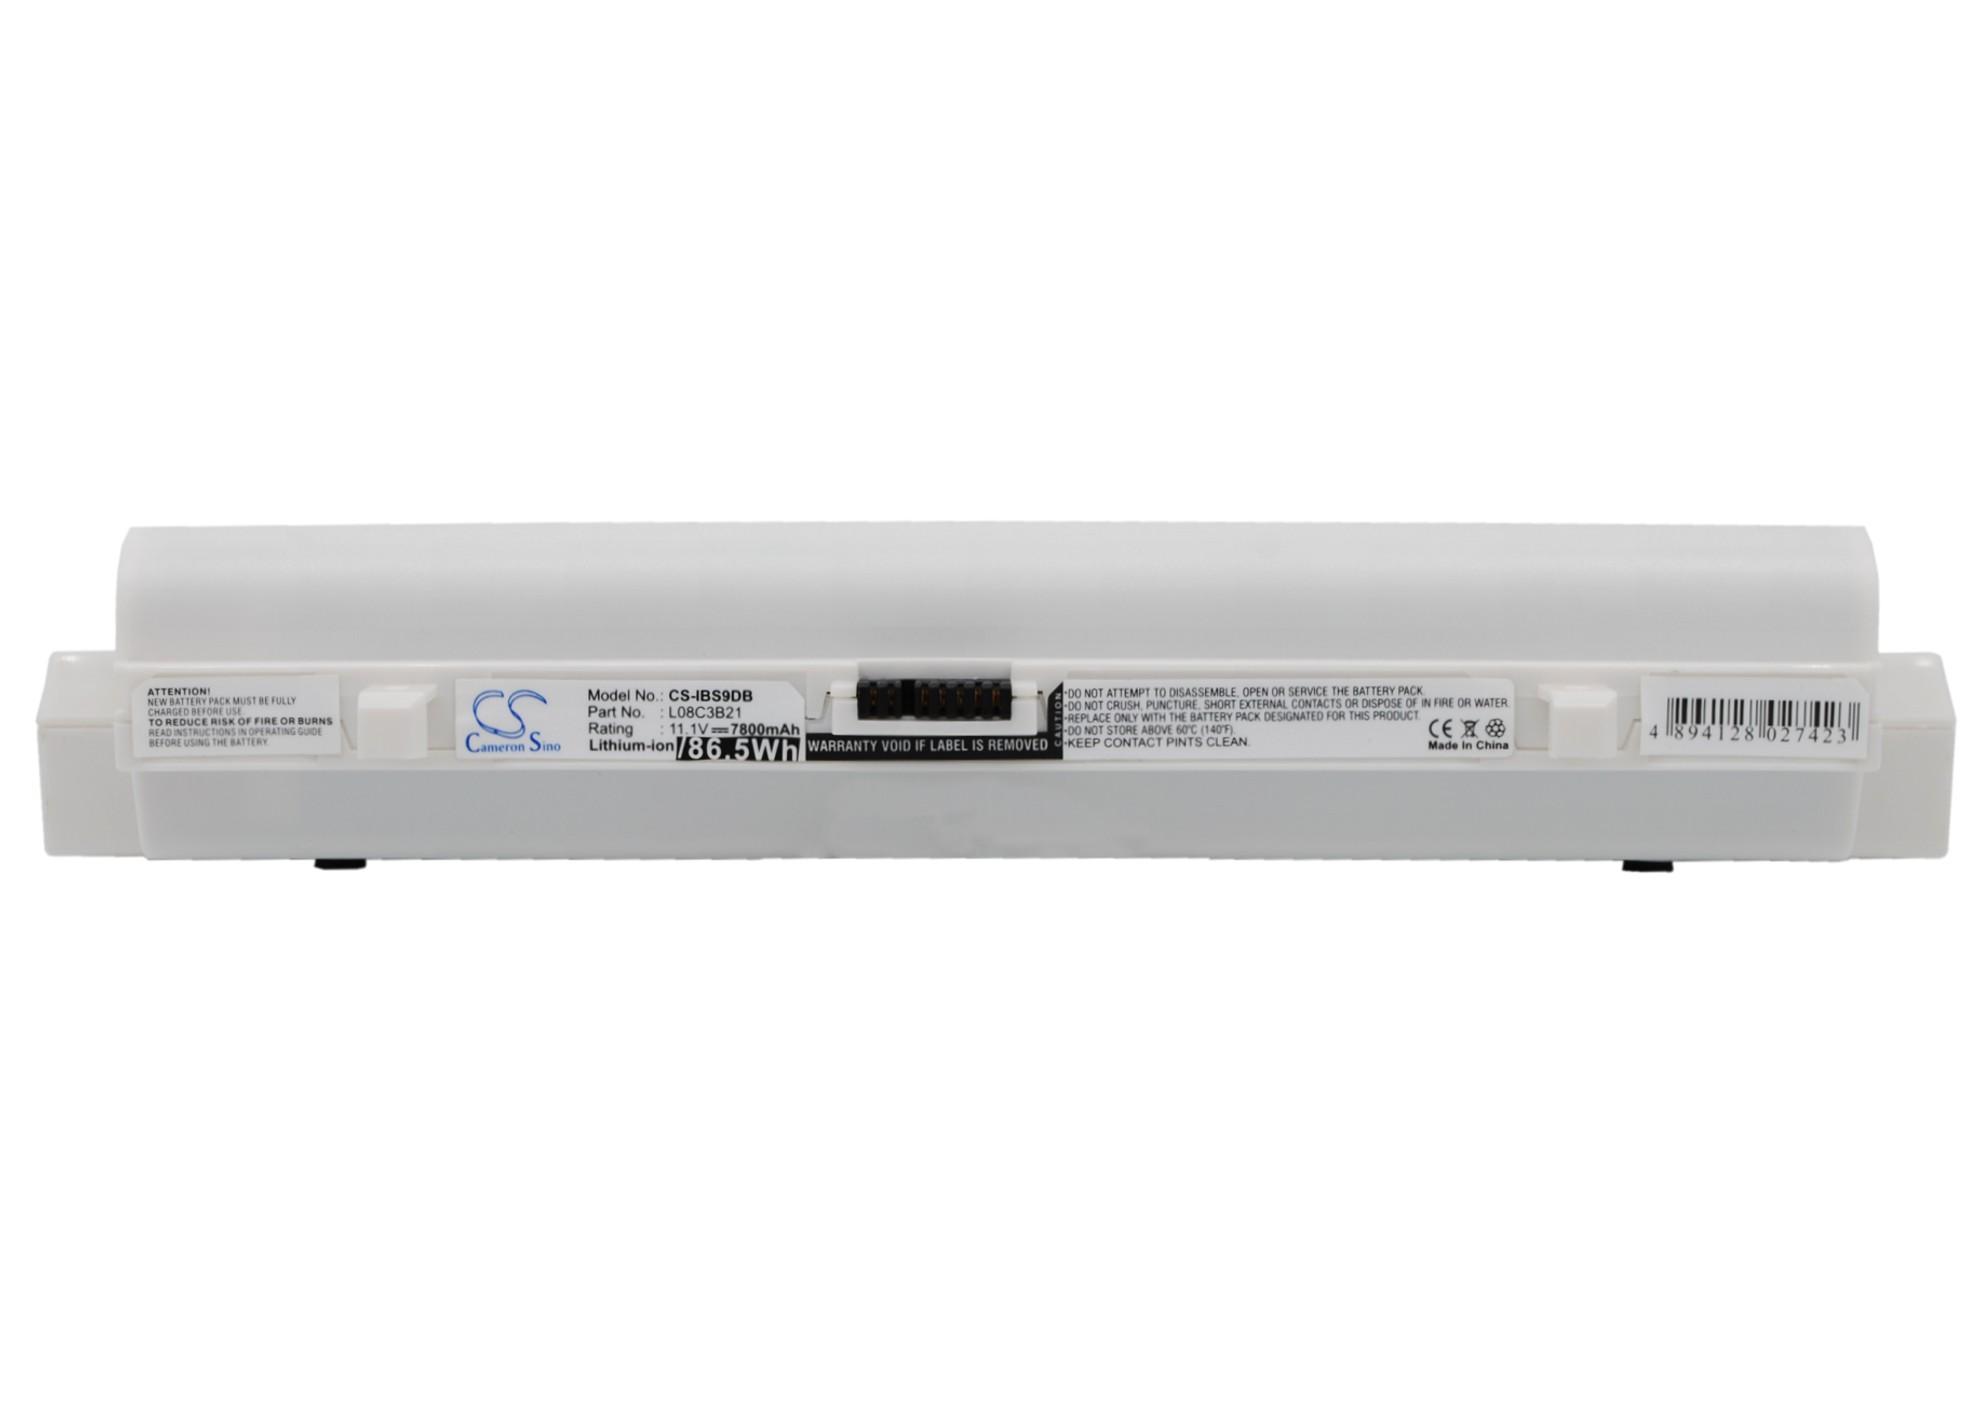 Cameron Sino baterie do notebooků pro LENOVO ideapad S10e 4187 11.1V Li-ion 7800mAh bílá - neoriginální